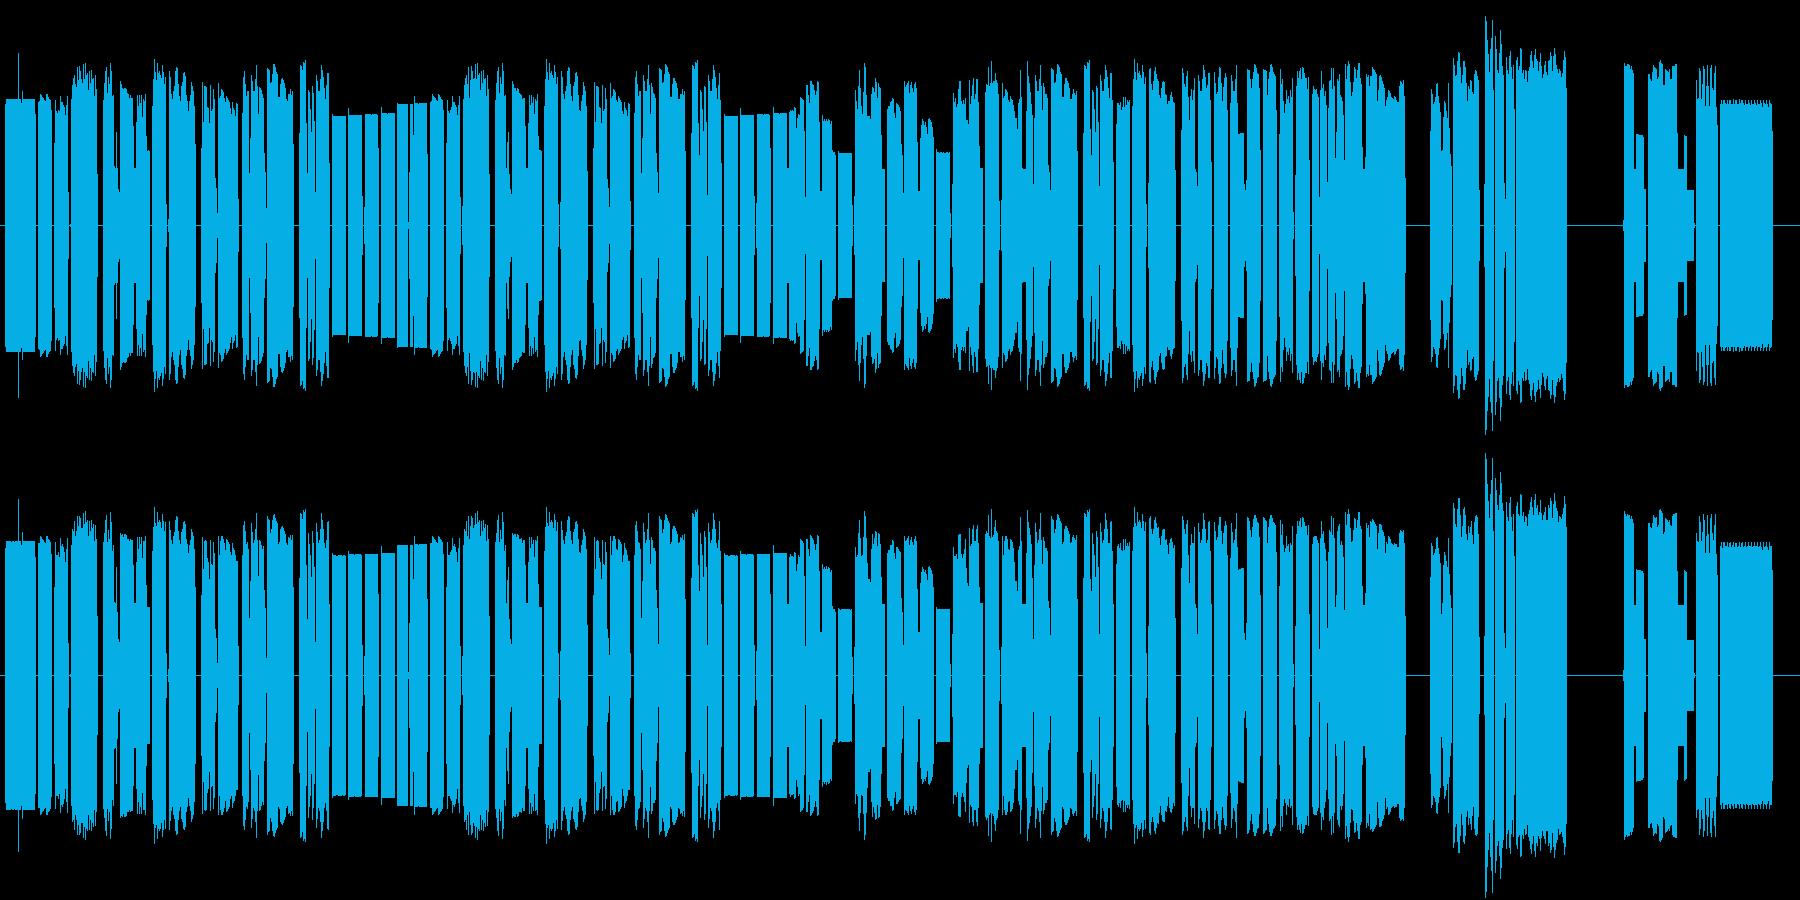 アメリカ国歌星条旗の8bitサウンドの再生済みの波形